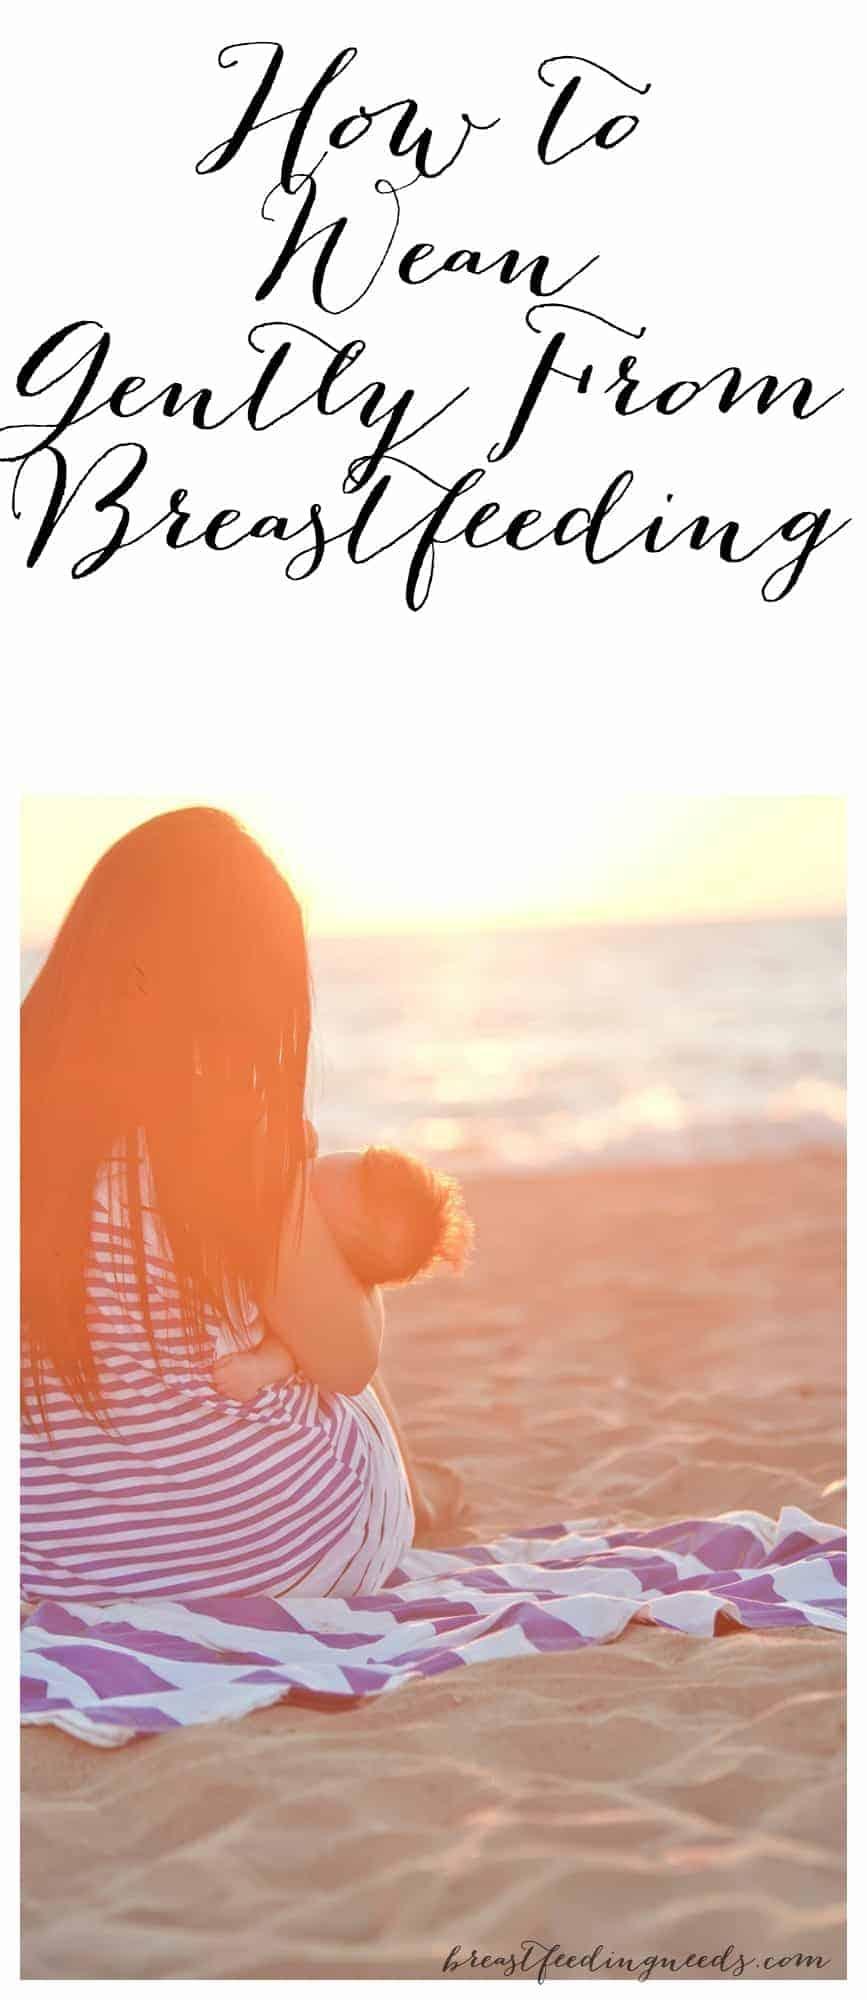 Gentle weaning from breastfeeding